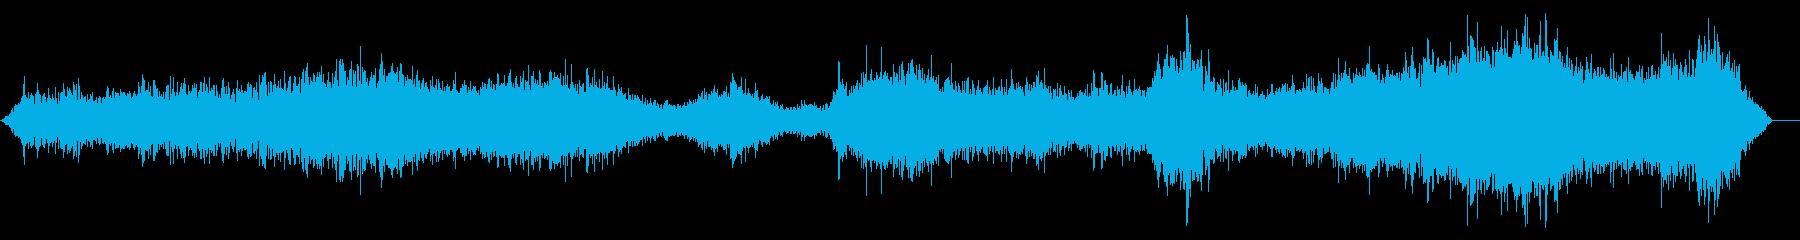 リバーブを介した奇妙な音声効果、そ...の再生済みの波形